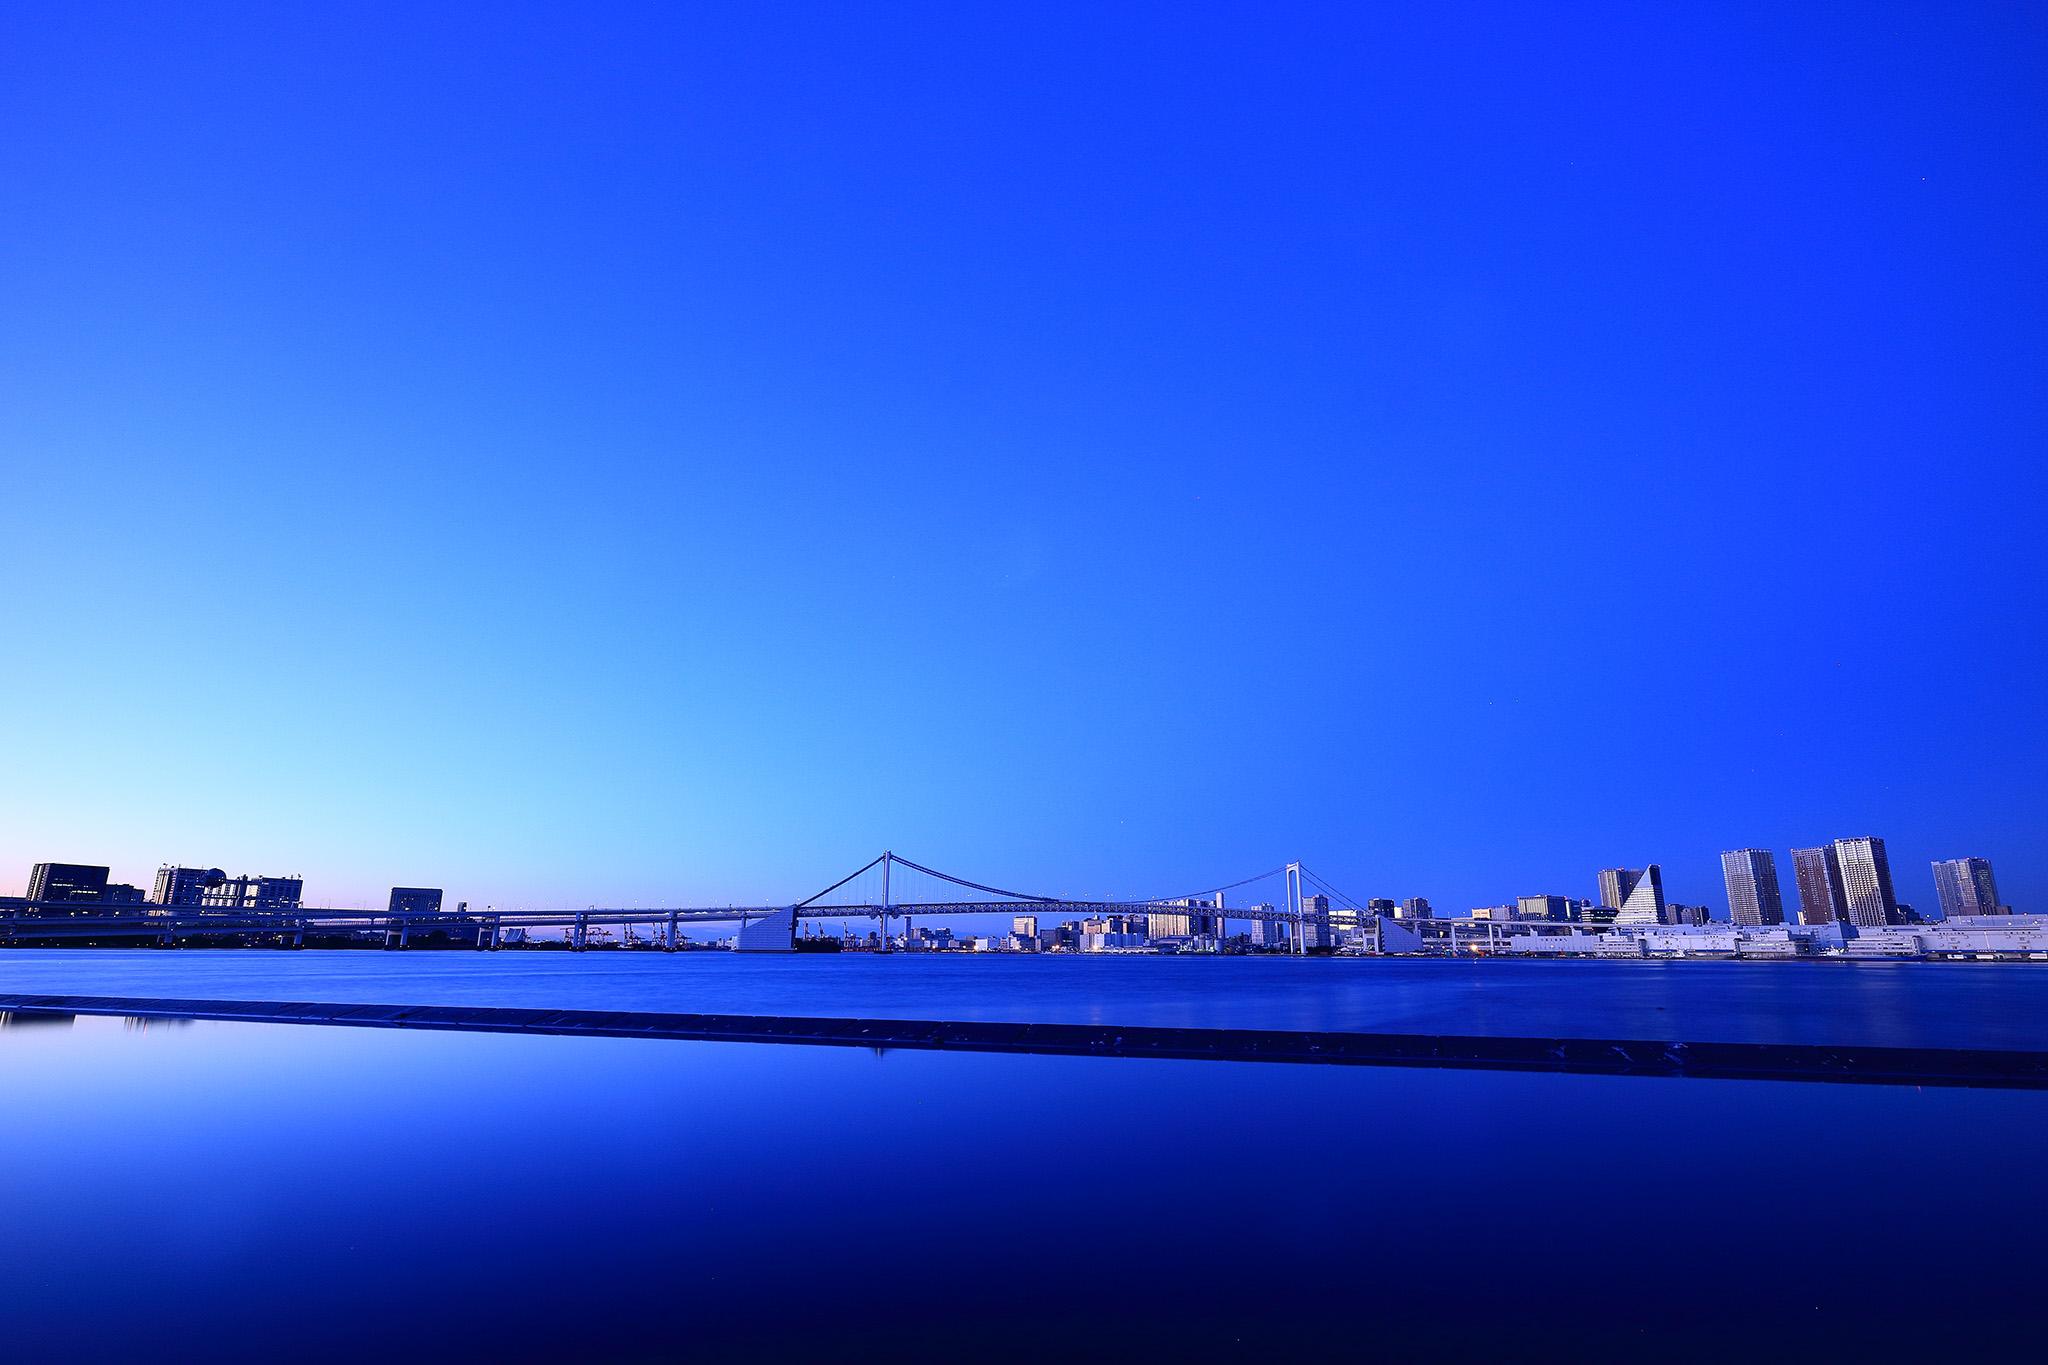 20151127_harumi6_2048